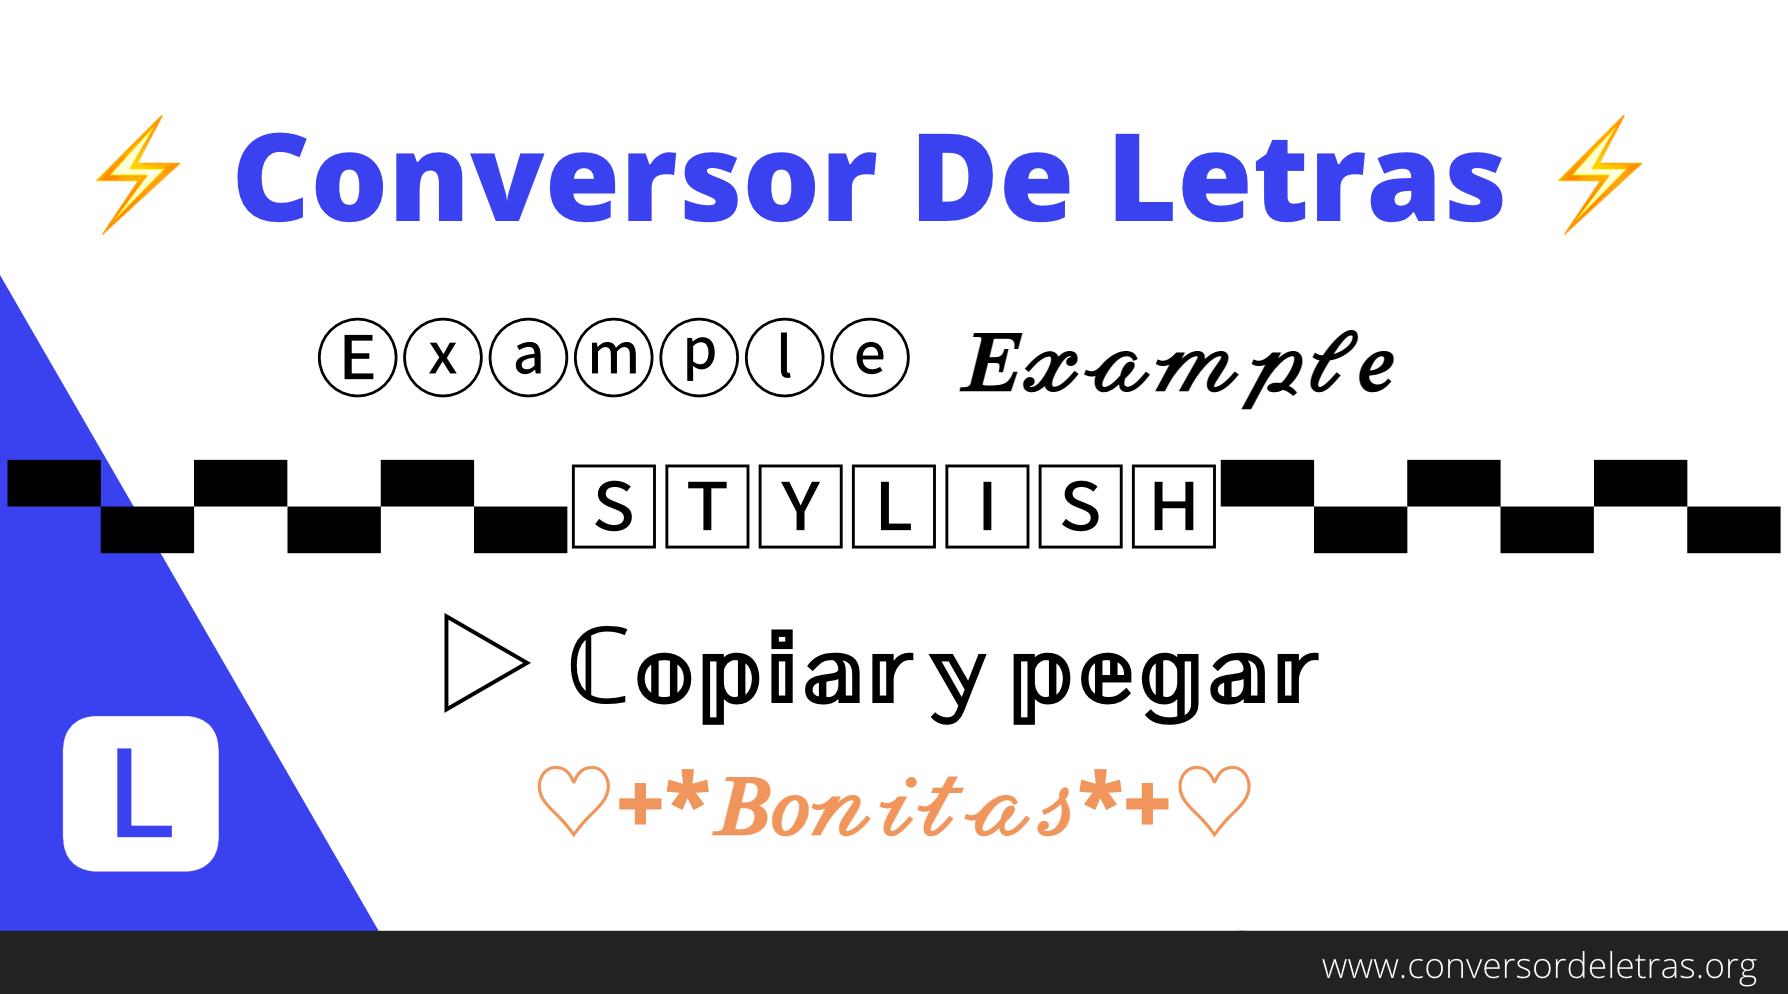 Conversor De Letras